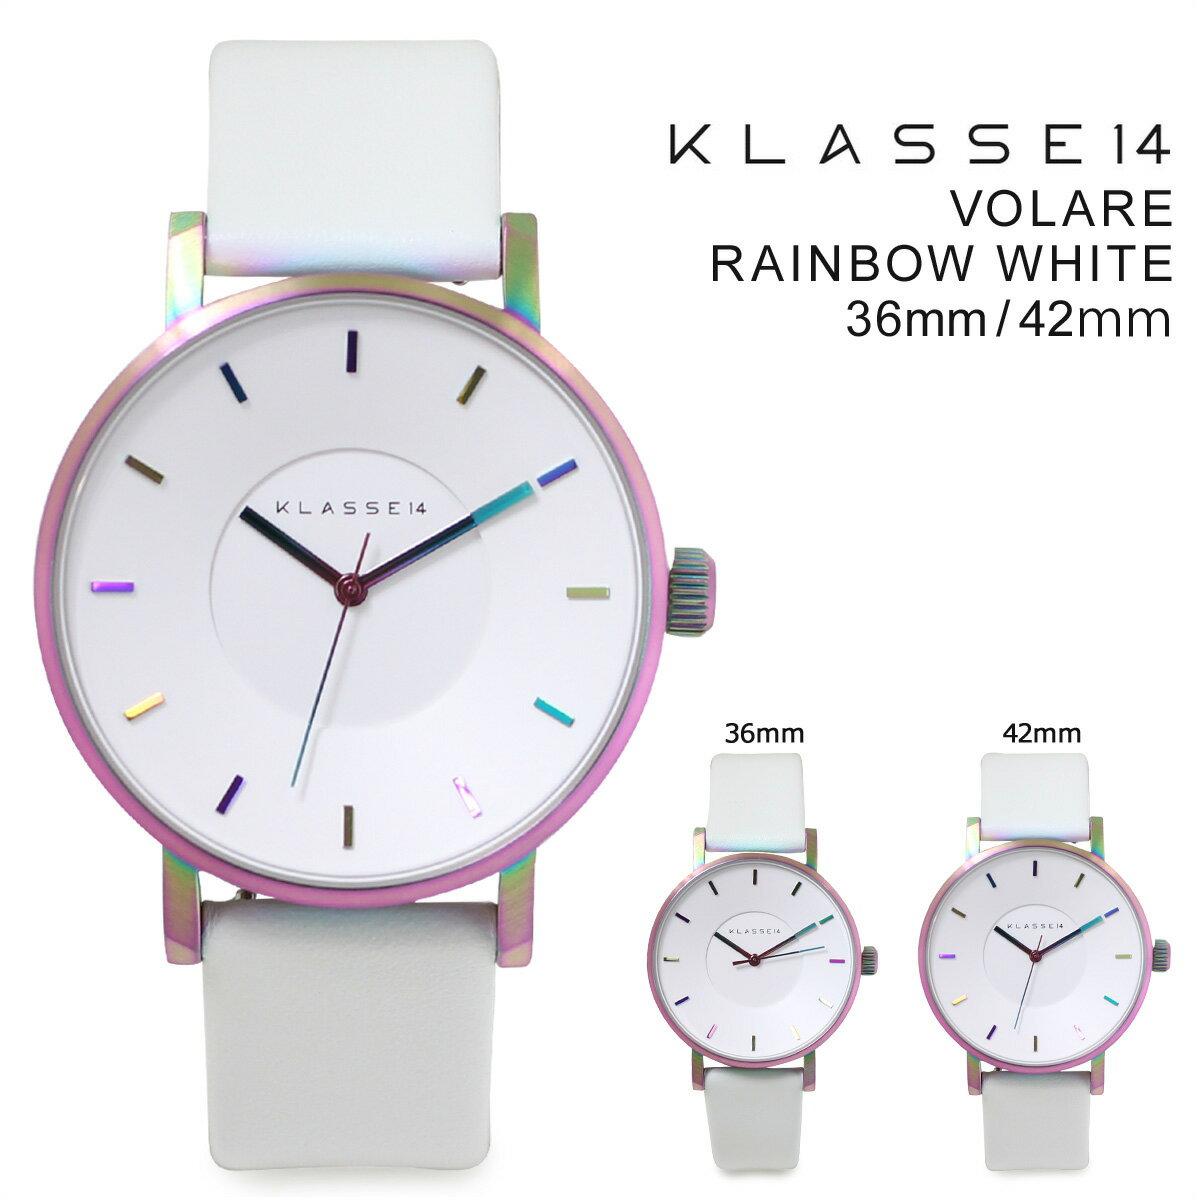 クラス14 メンズ KLASSE14 42mm 36mm レディース 腕時計  VOLARE RAINBOW WHITE ヴォラーレ  VO16TI003M VO16TI003W  送料無料  KLASSE14 クラス14 腕時計 36mm 42mm 正規  通販